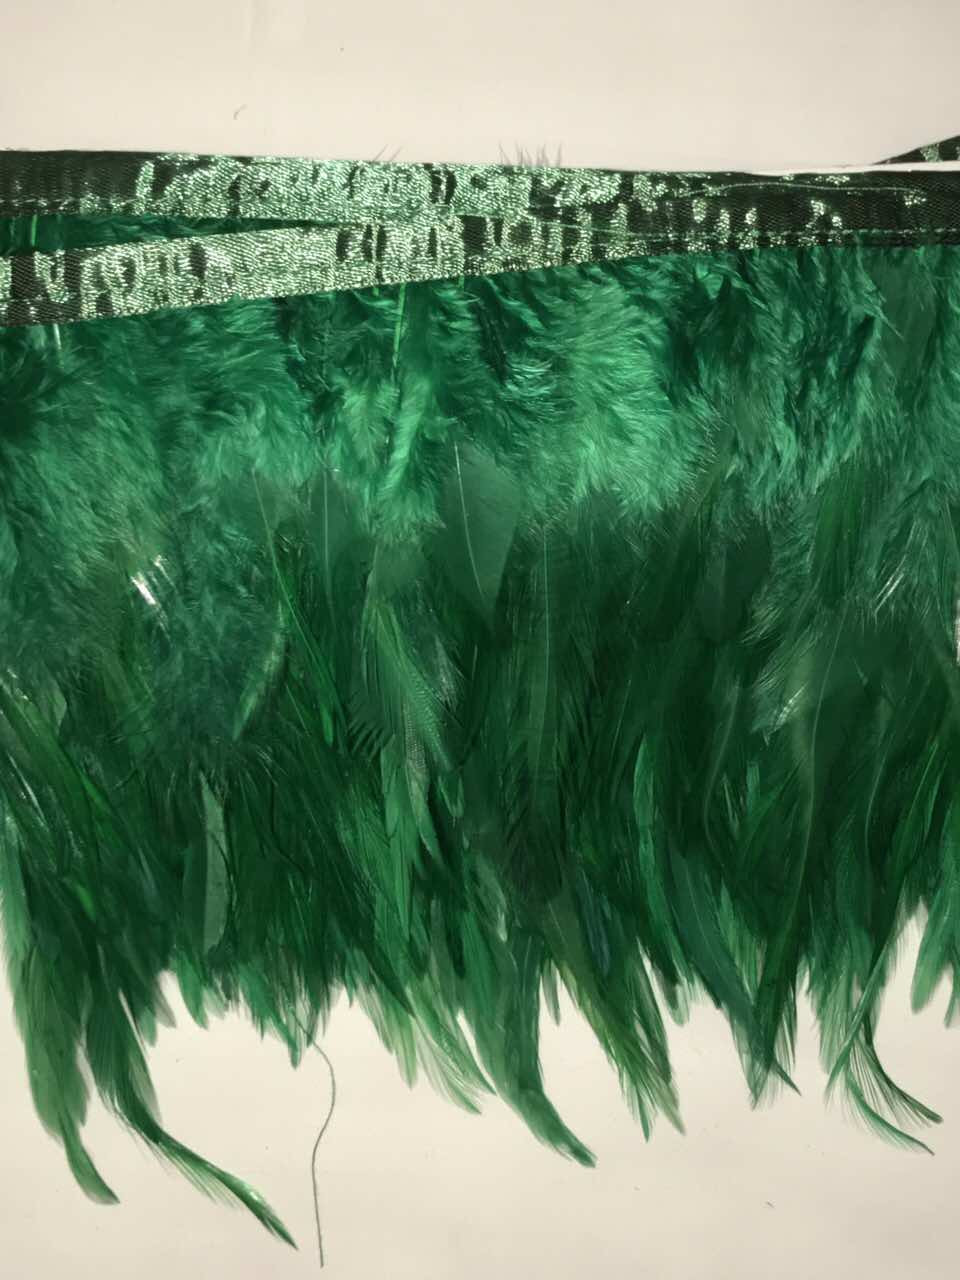 Перьевая тесьма из перьев петуха .Цвета оттенки зеленого.Цена за 0,5м